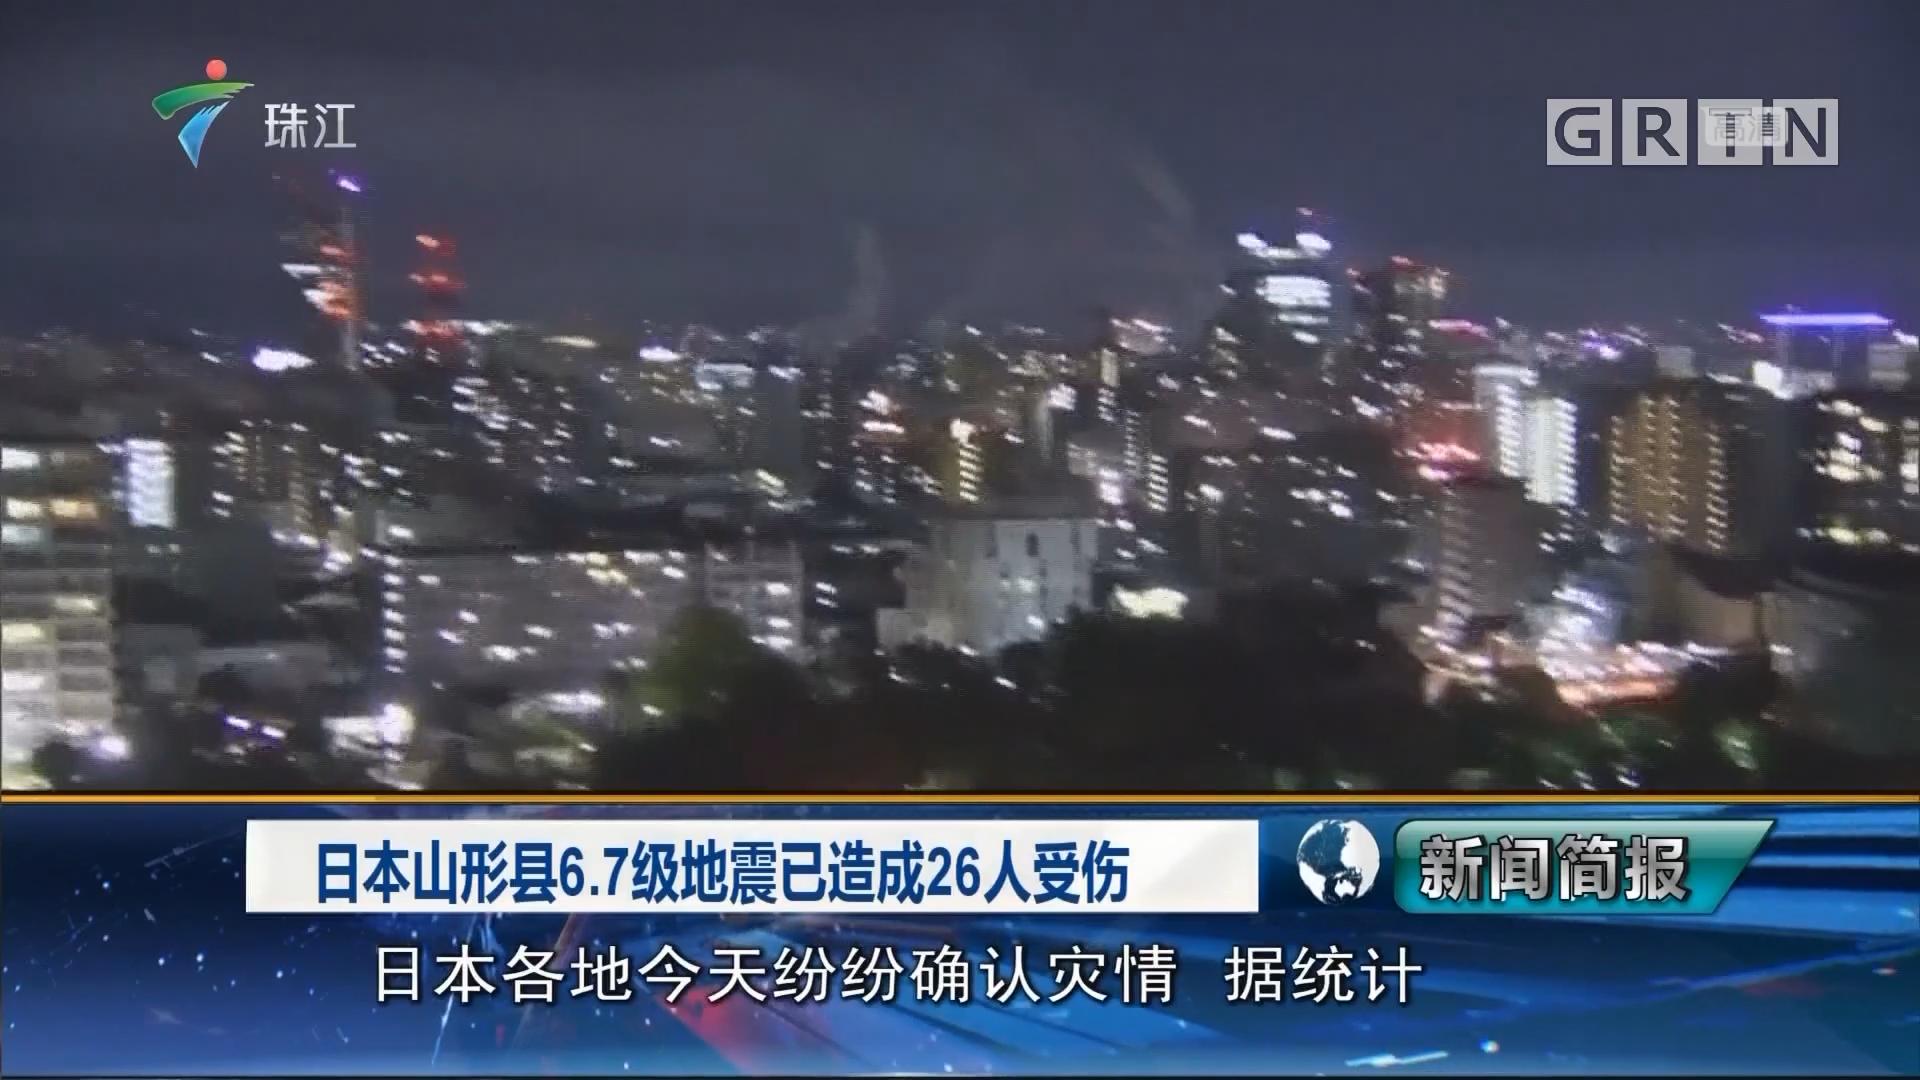 日本山形县6.7级地震已造成26人受伤